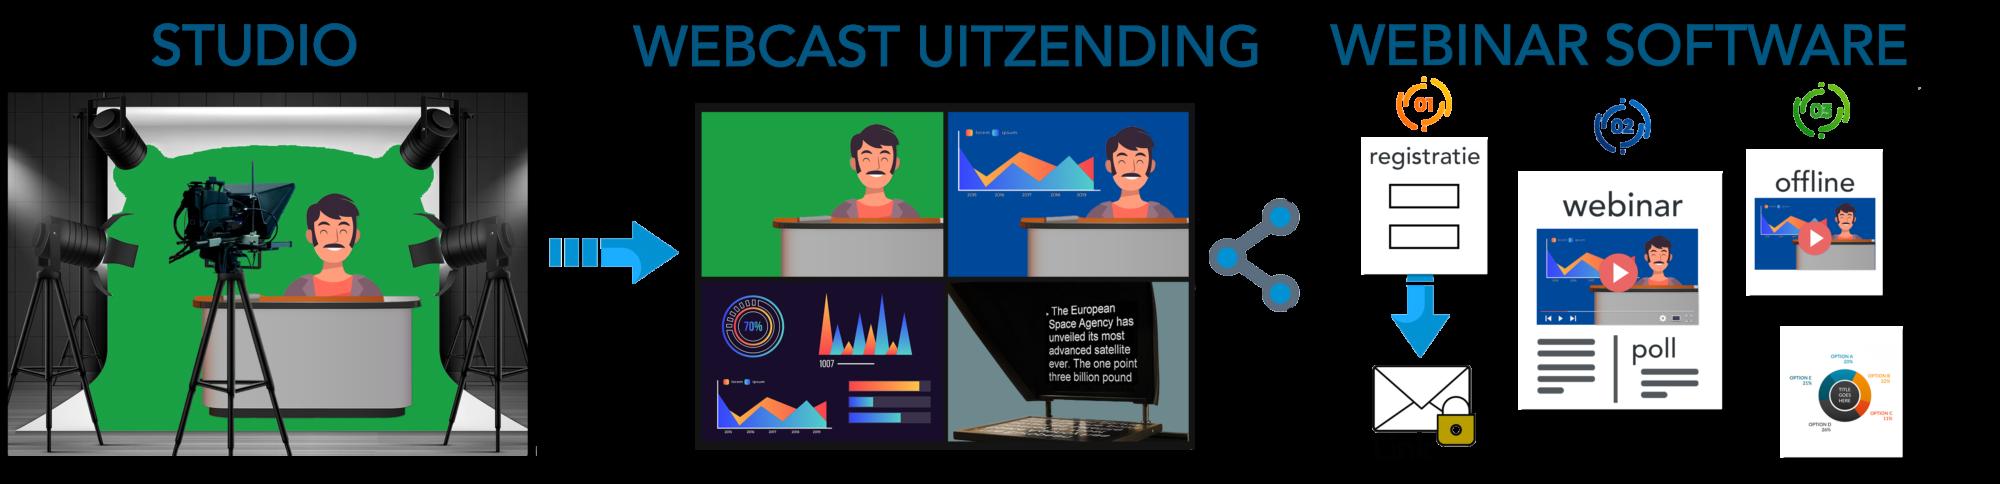 Webcast uitzending via Webinar tool bij SHH Productions in Rotterdam